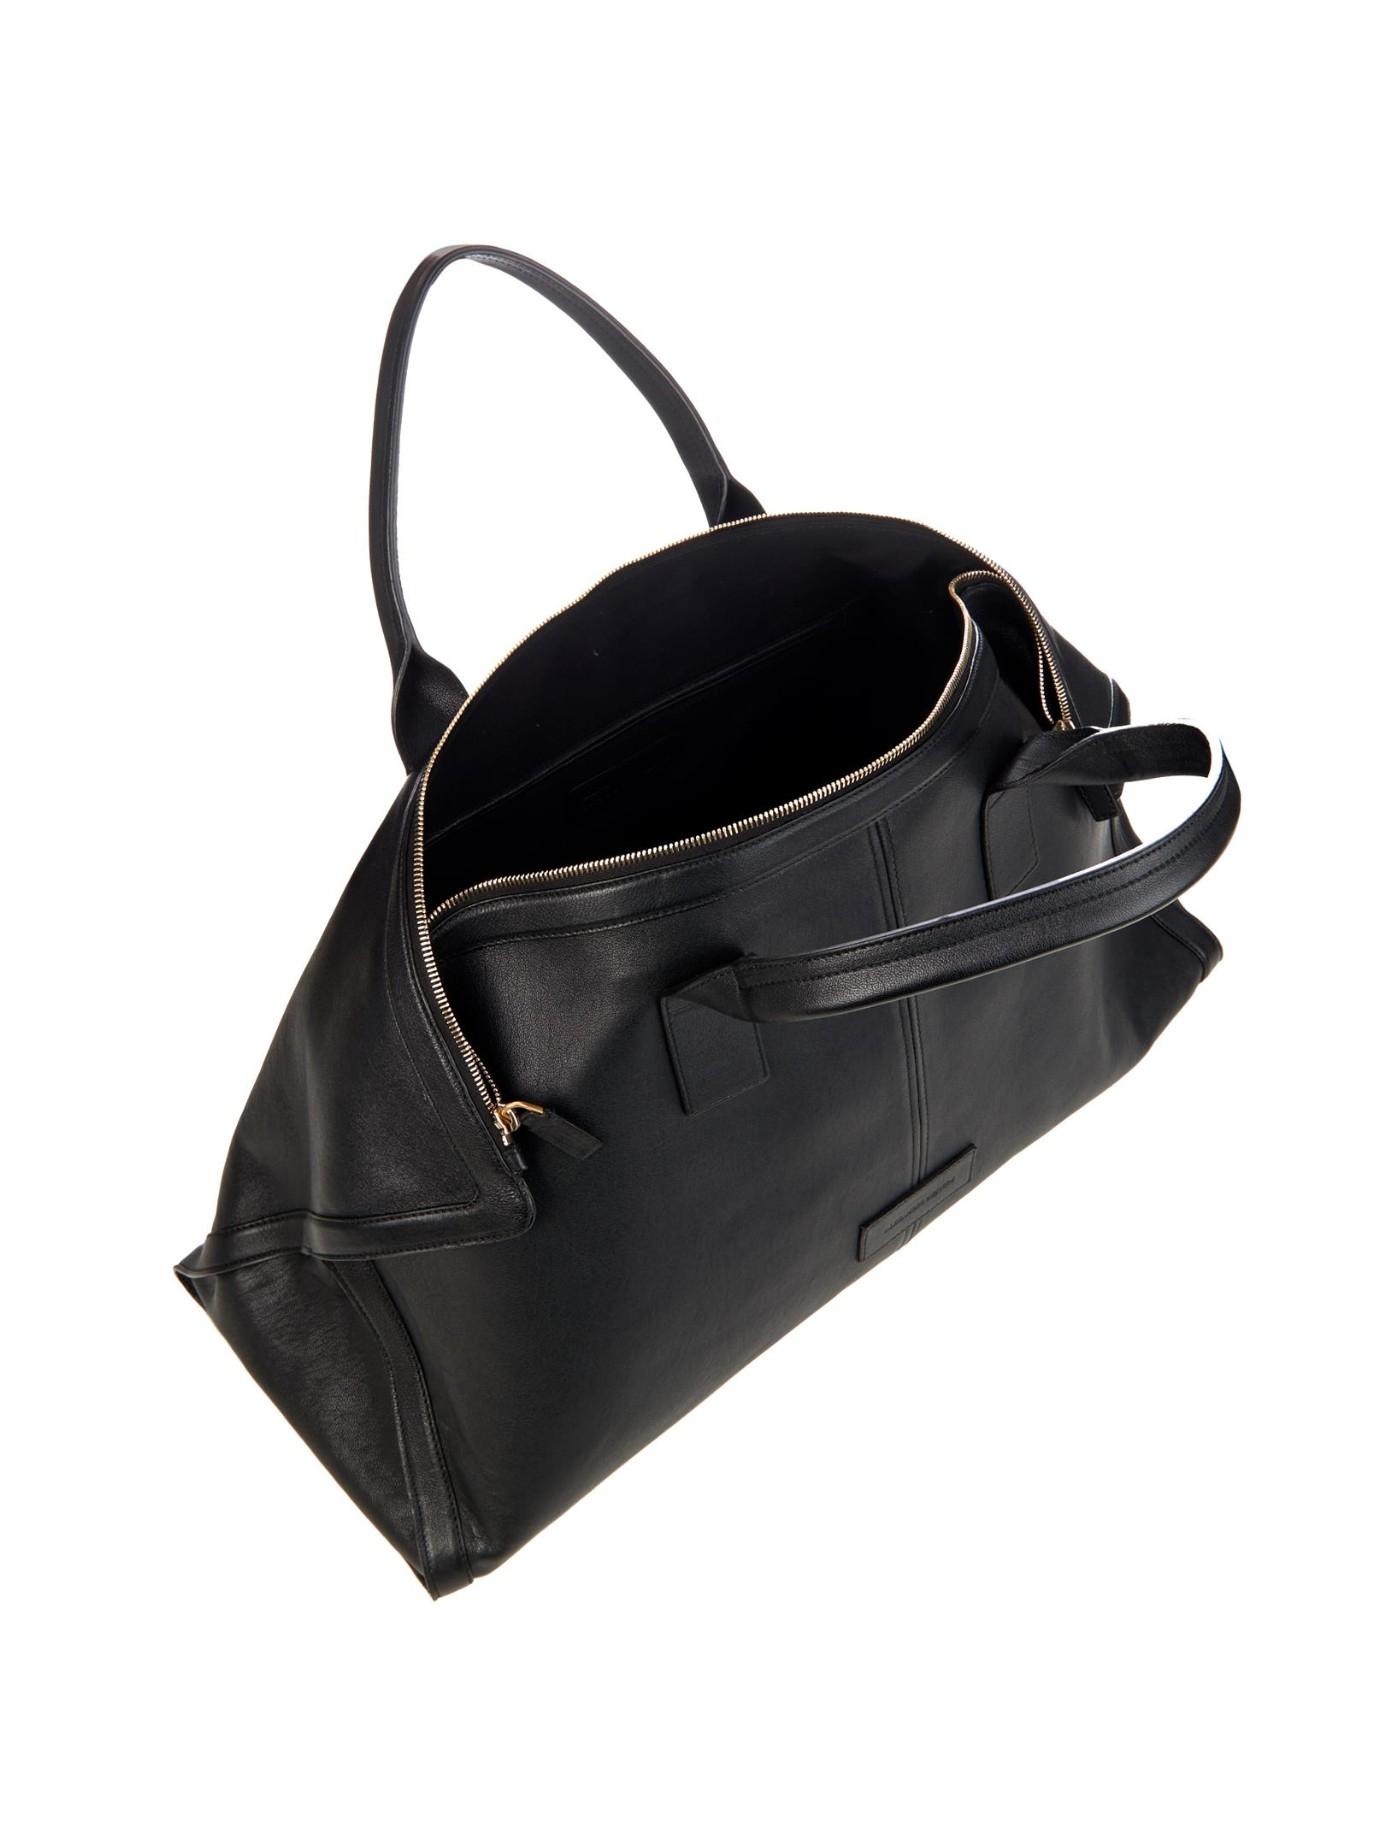 Alexander mcqueen De Manta Leather Weekend Bag in Black for Men | Lyst